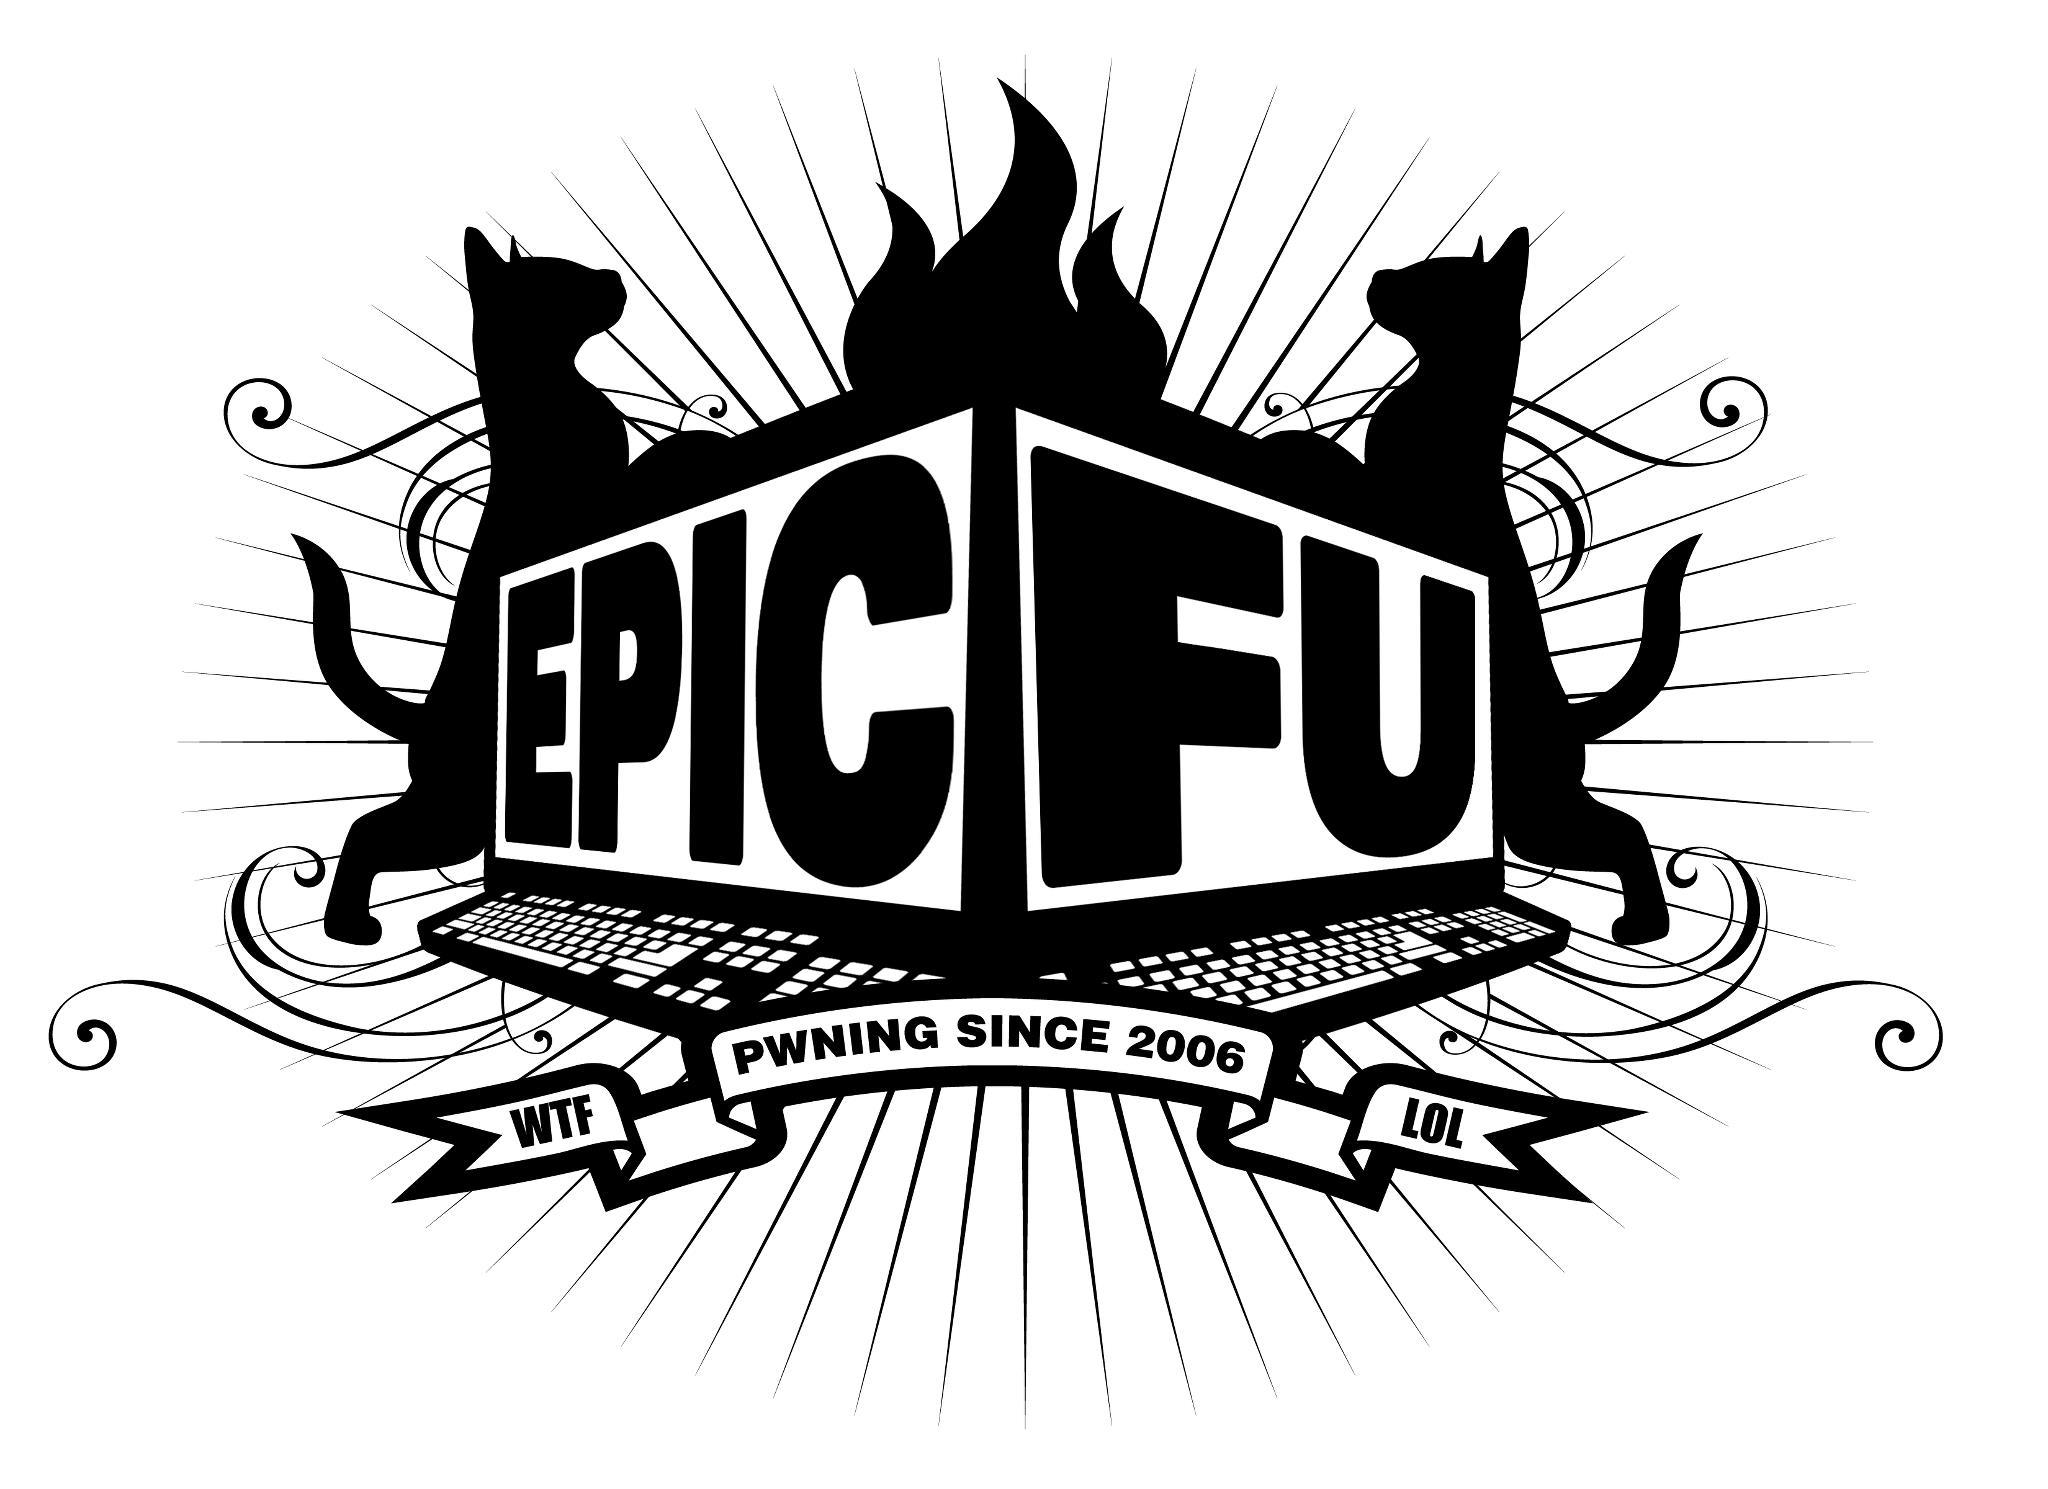 EpicFu